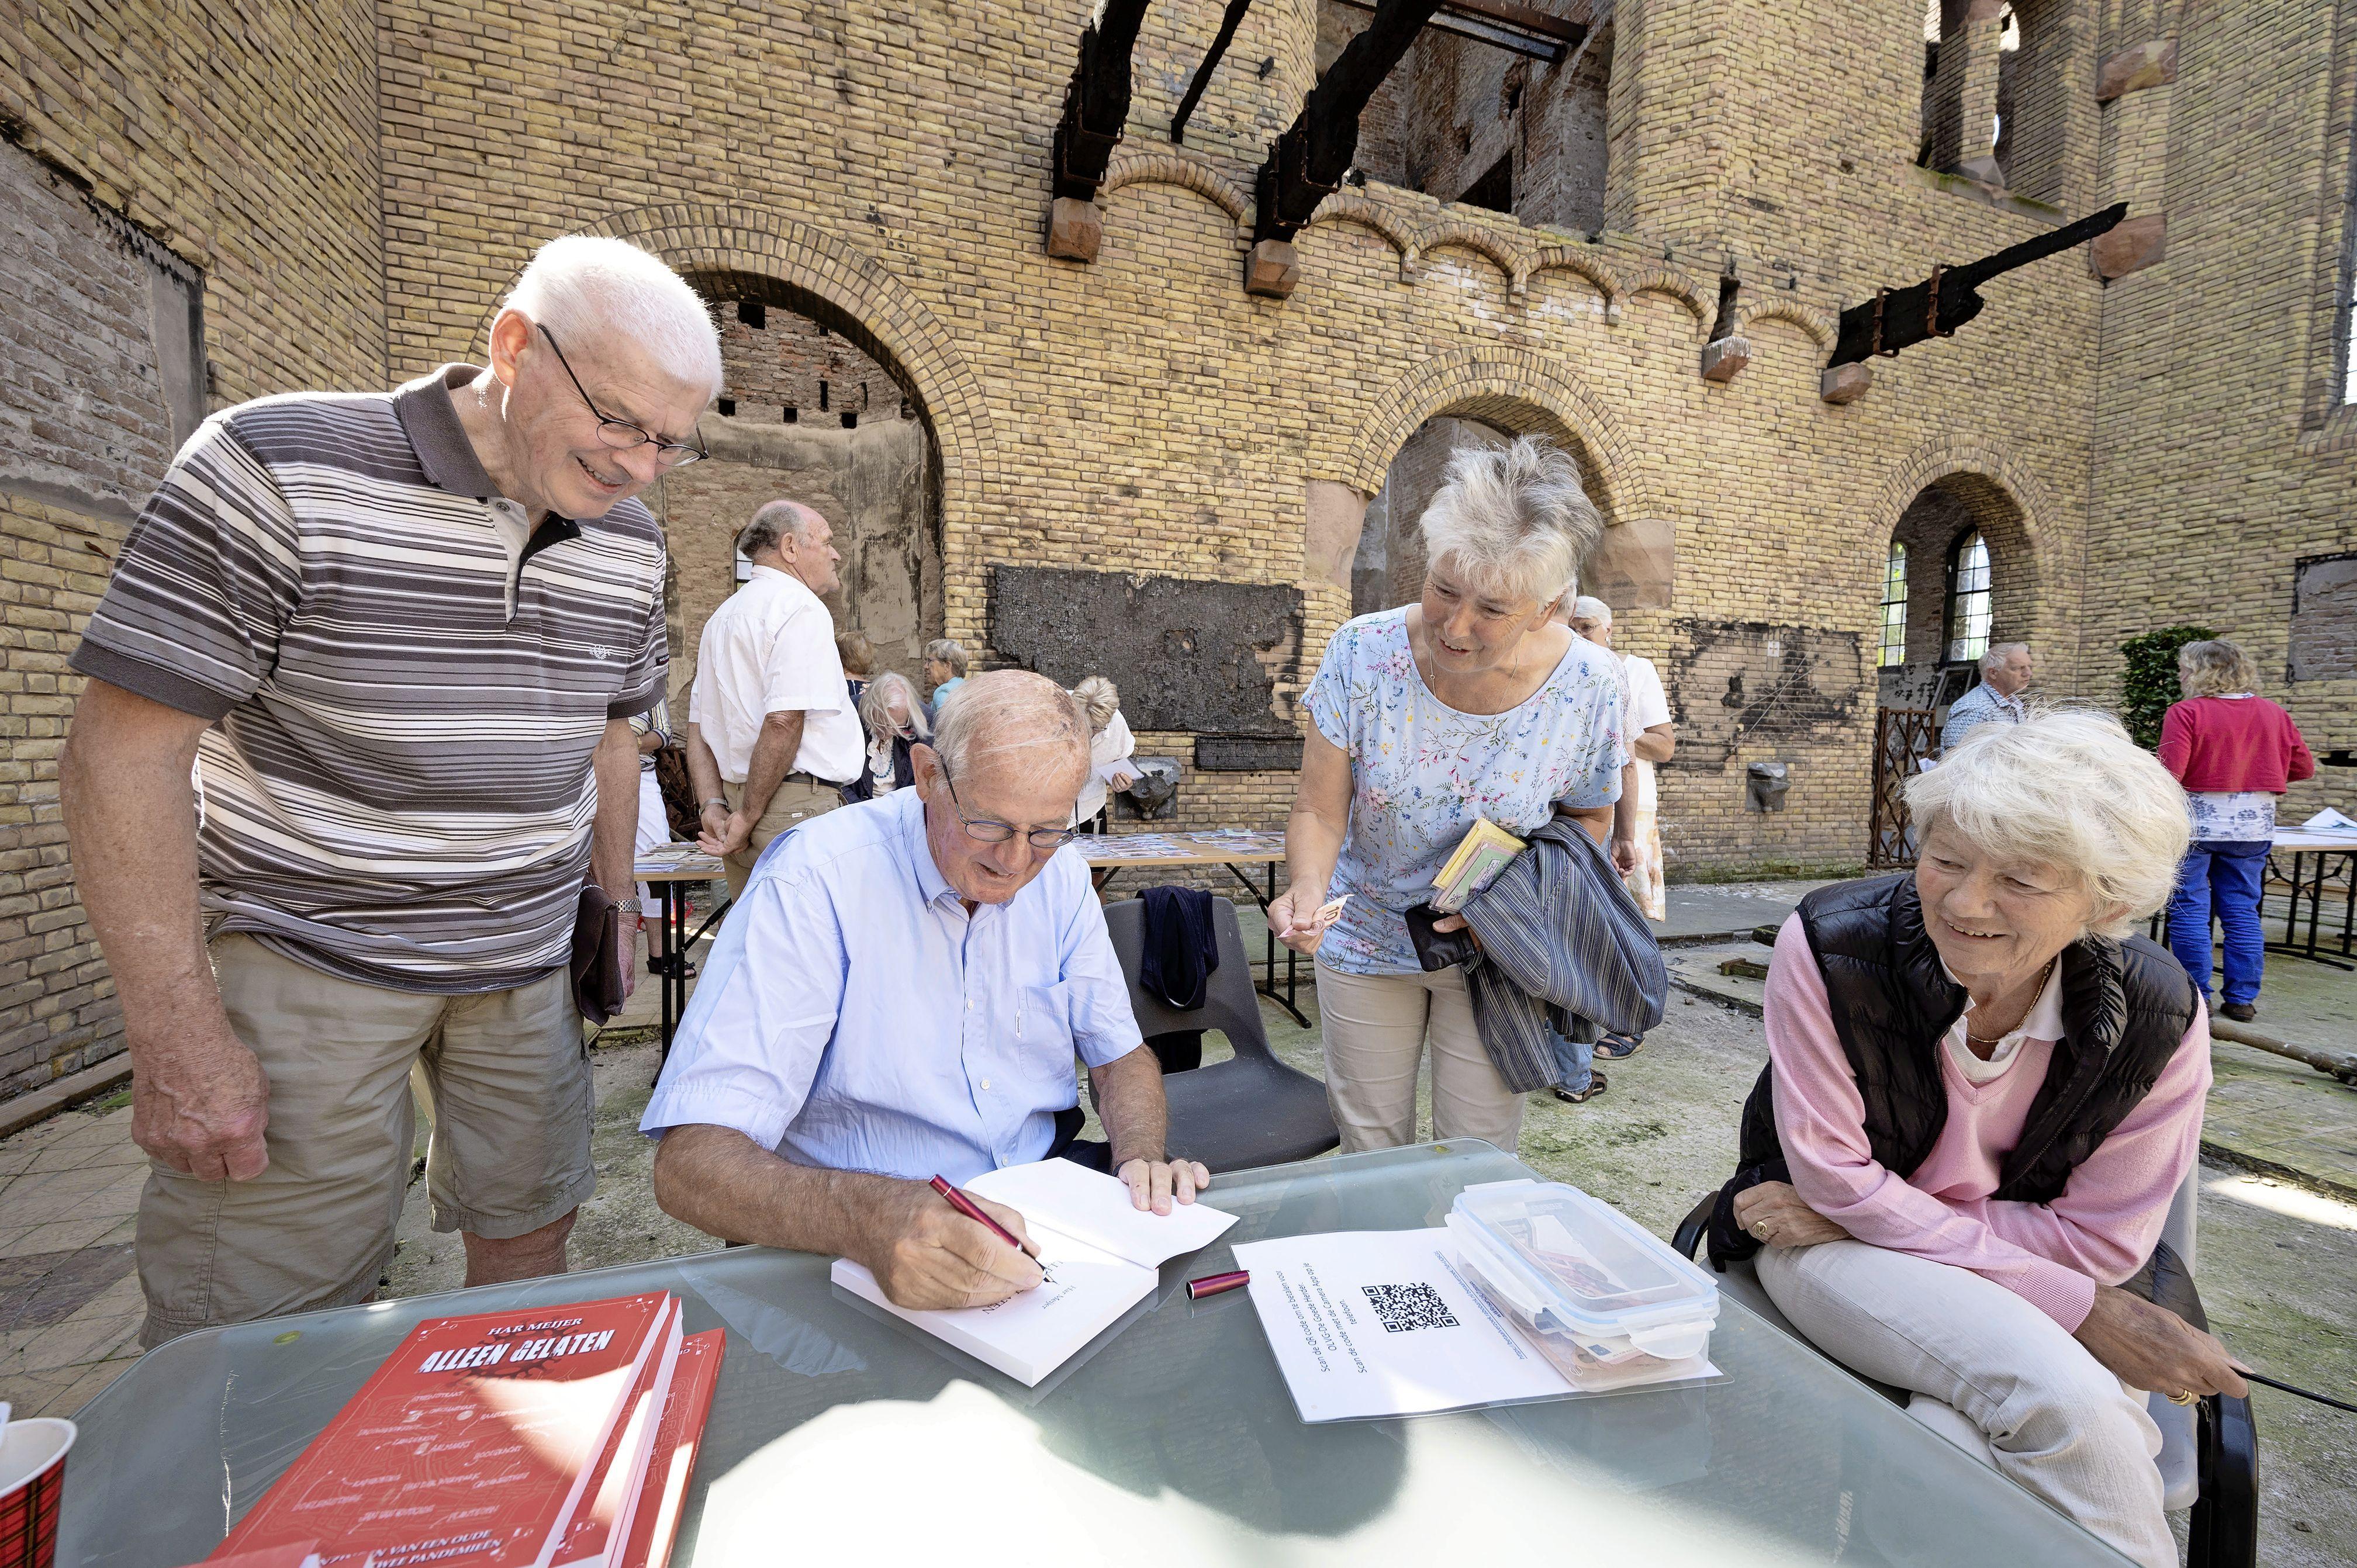 Een volle bak zonder dak: openluchtdienst in afgebrande kerk van Hoogmade